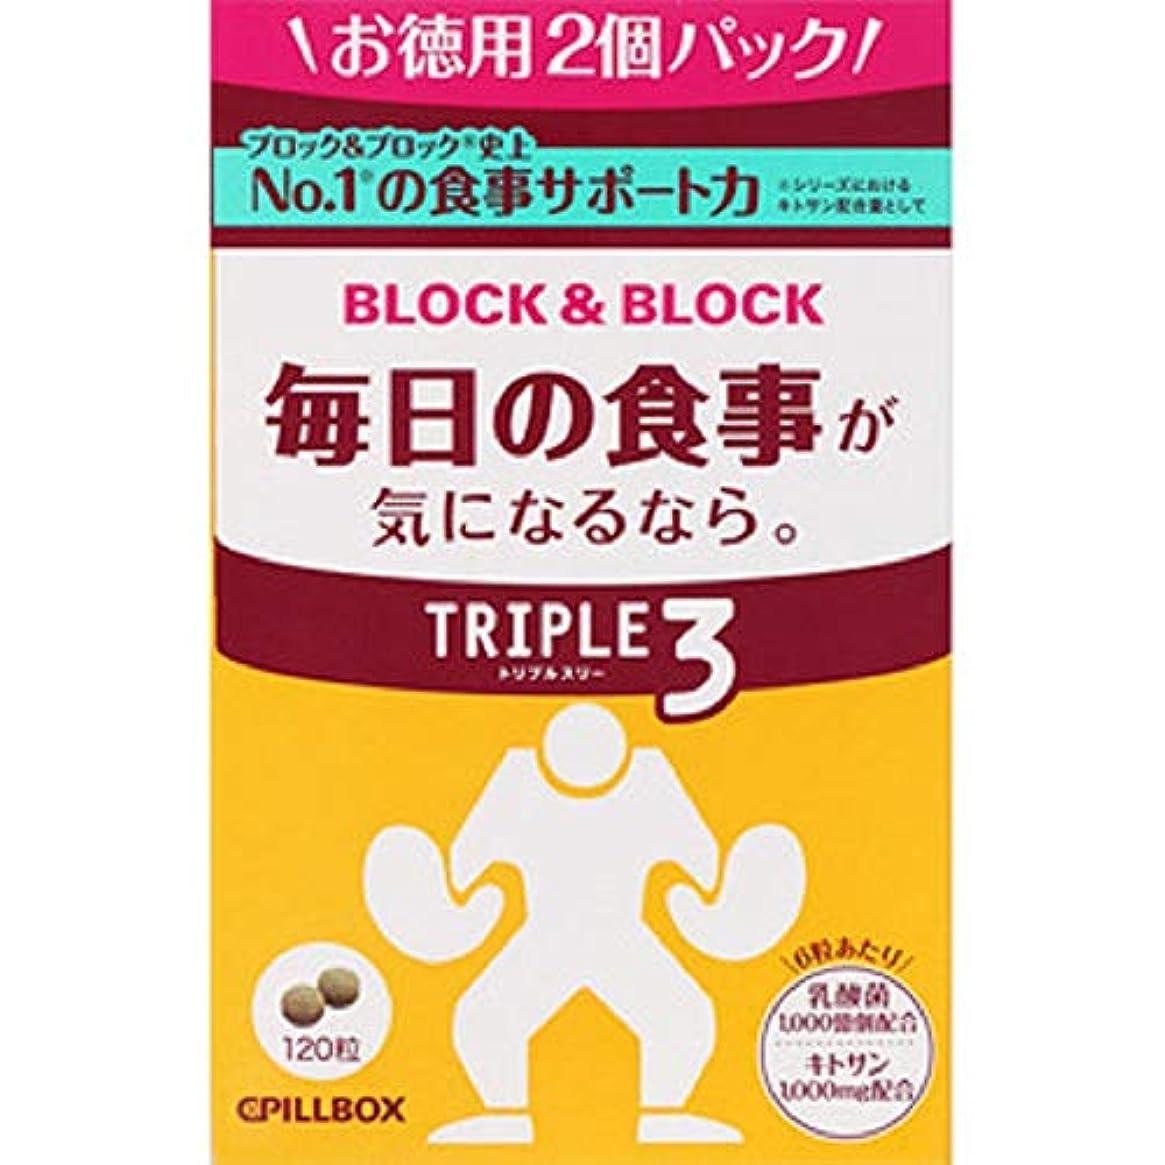 鹿パンダ感情ピルボックスジャパン ブロック&ブロック トリプル3 お徳用パック 60粒x2個入り